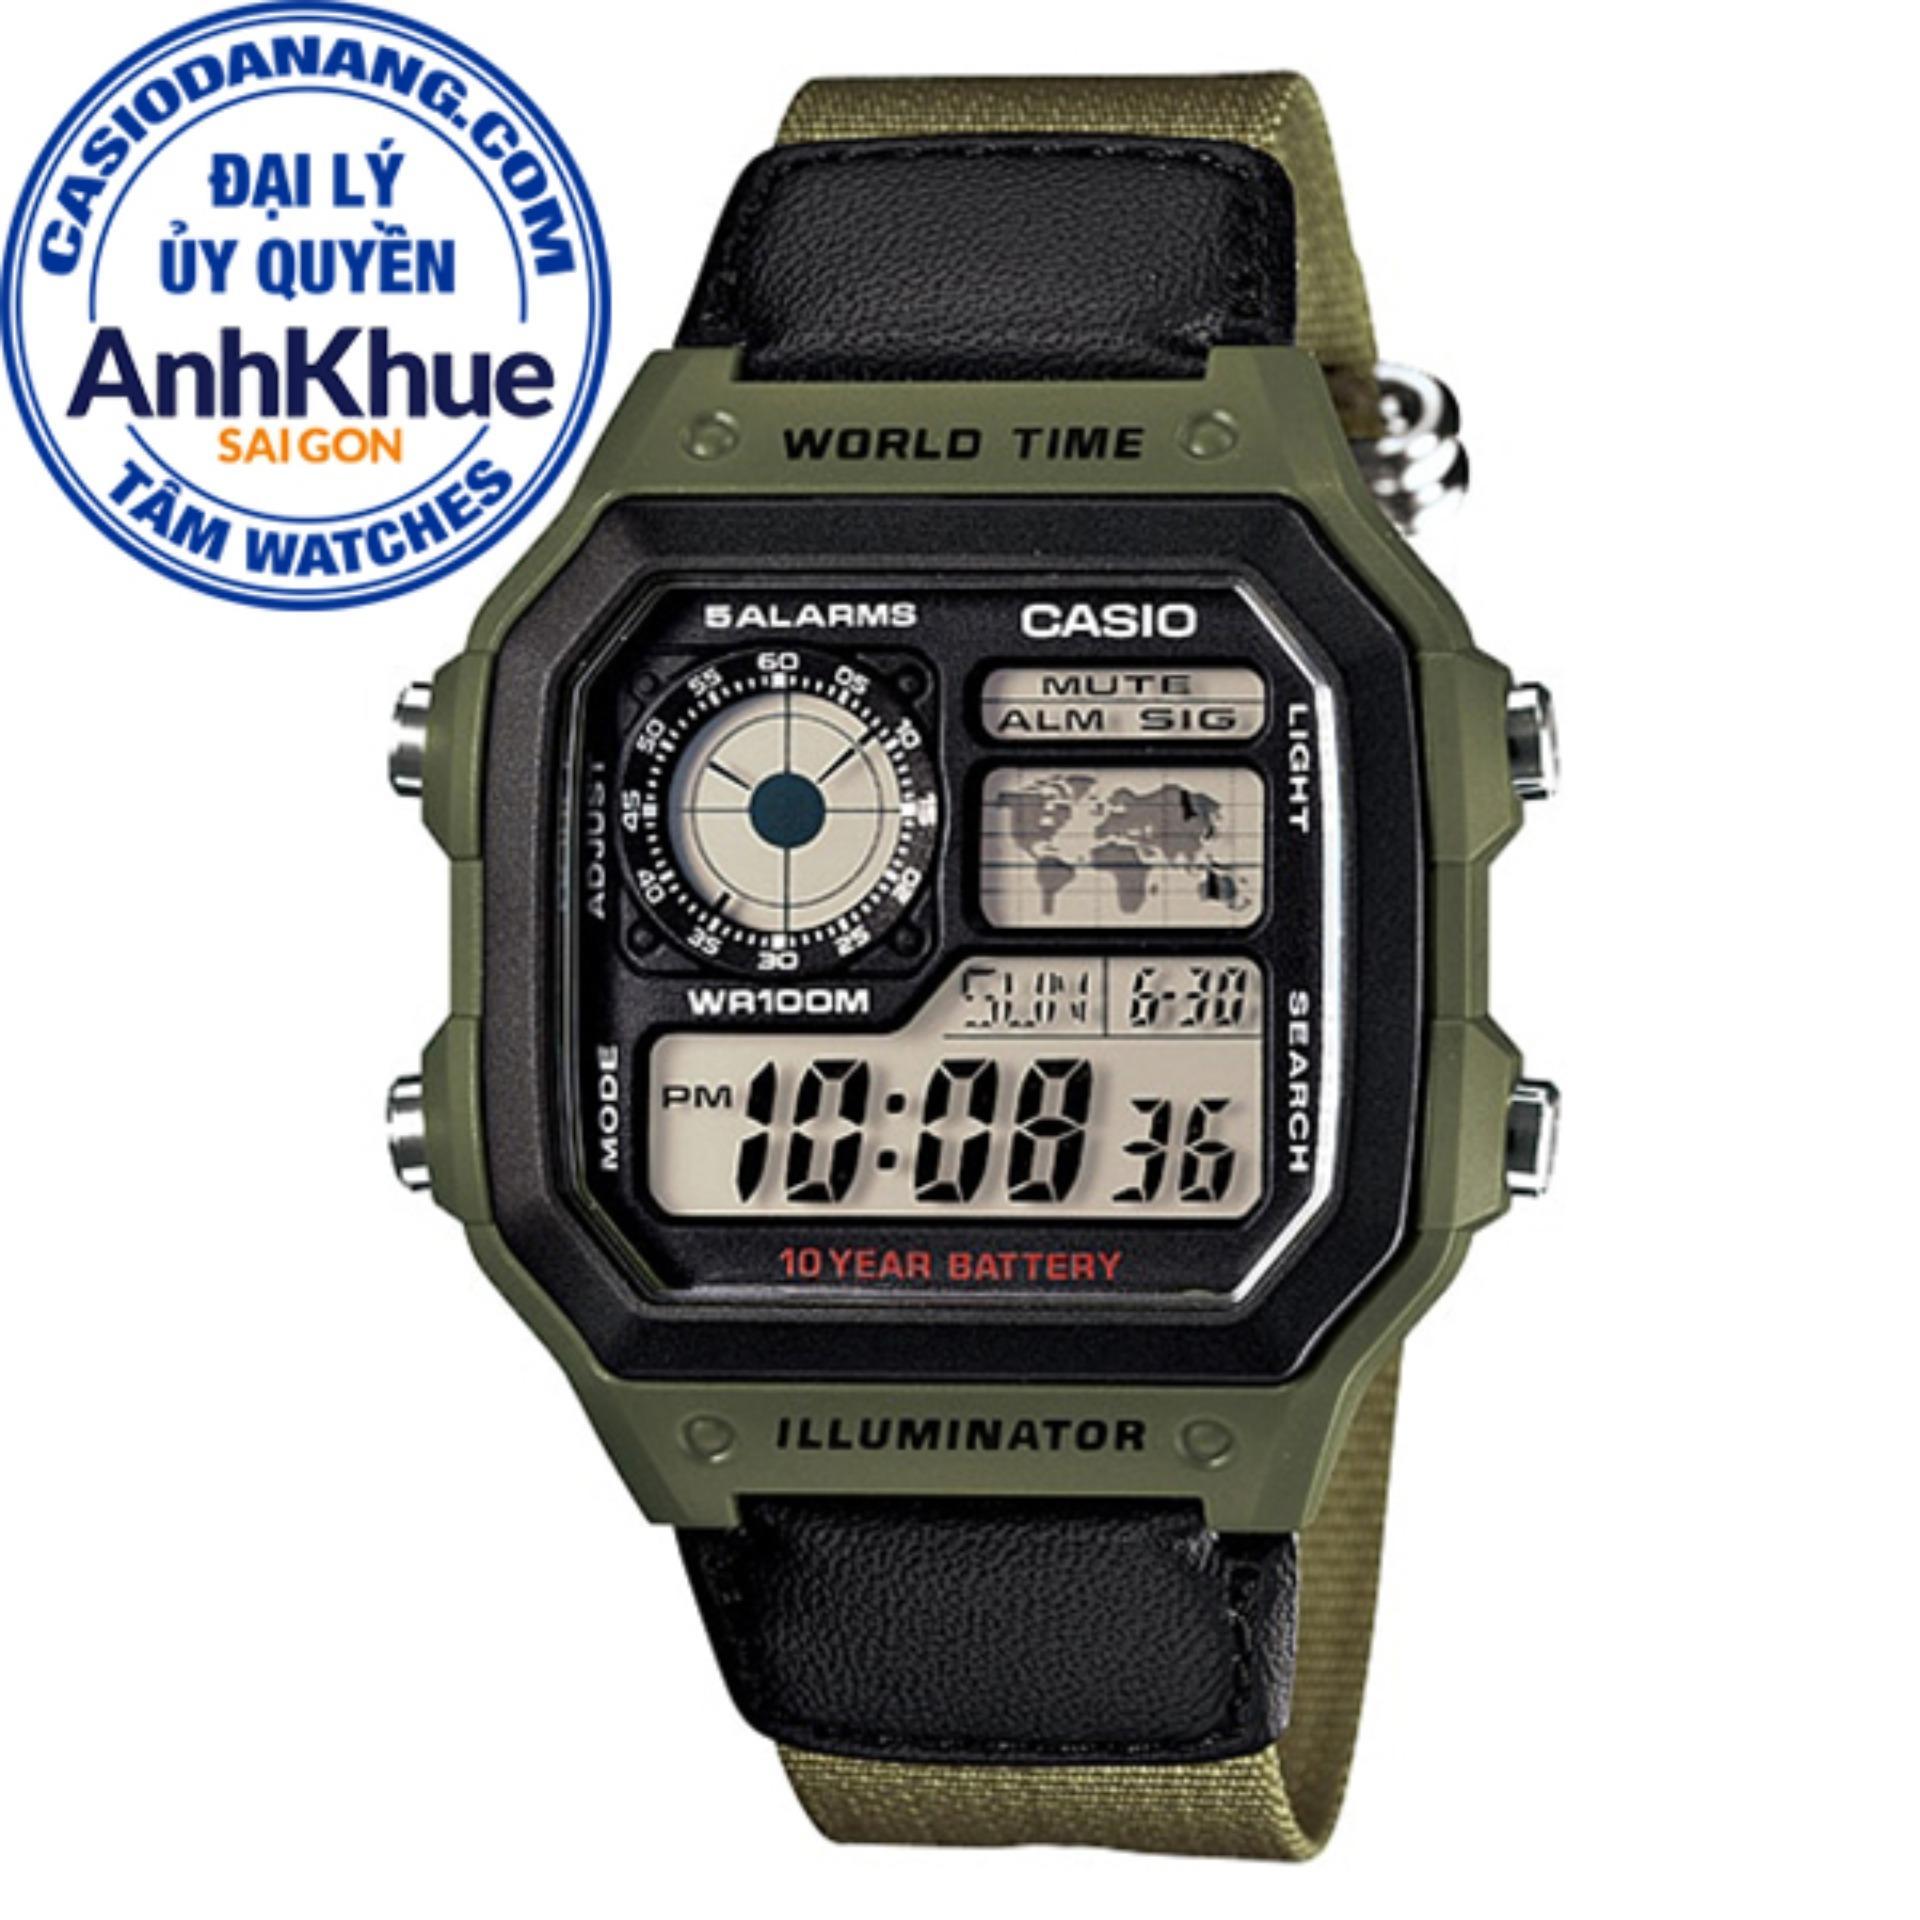 Đồng hồ nam Casio Standard chính hãng Anh Khuê AE-1200WHB-3BVDF bán chạy